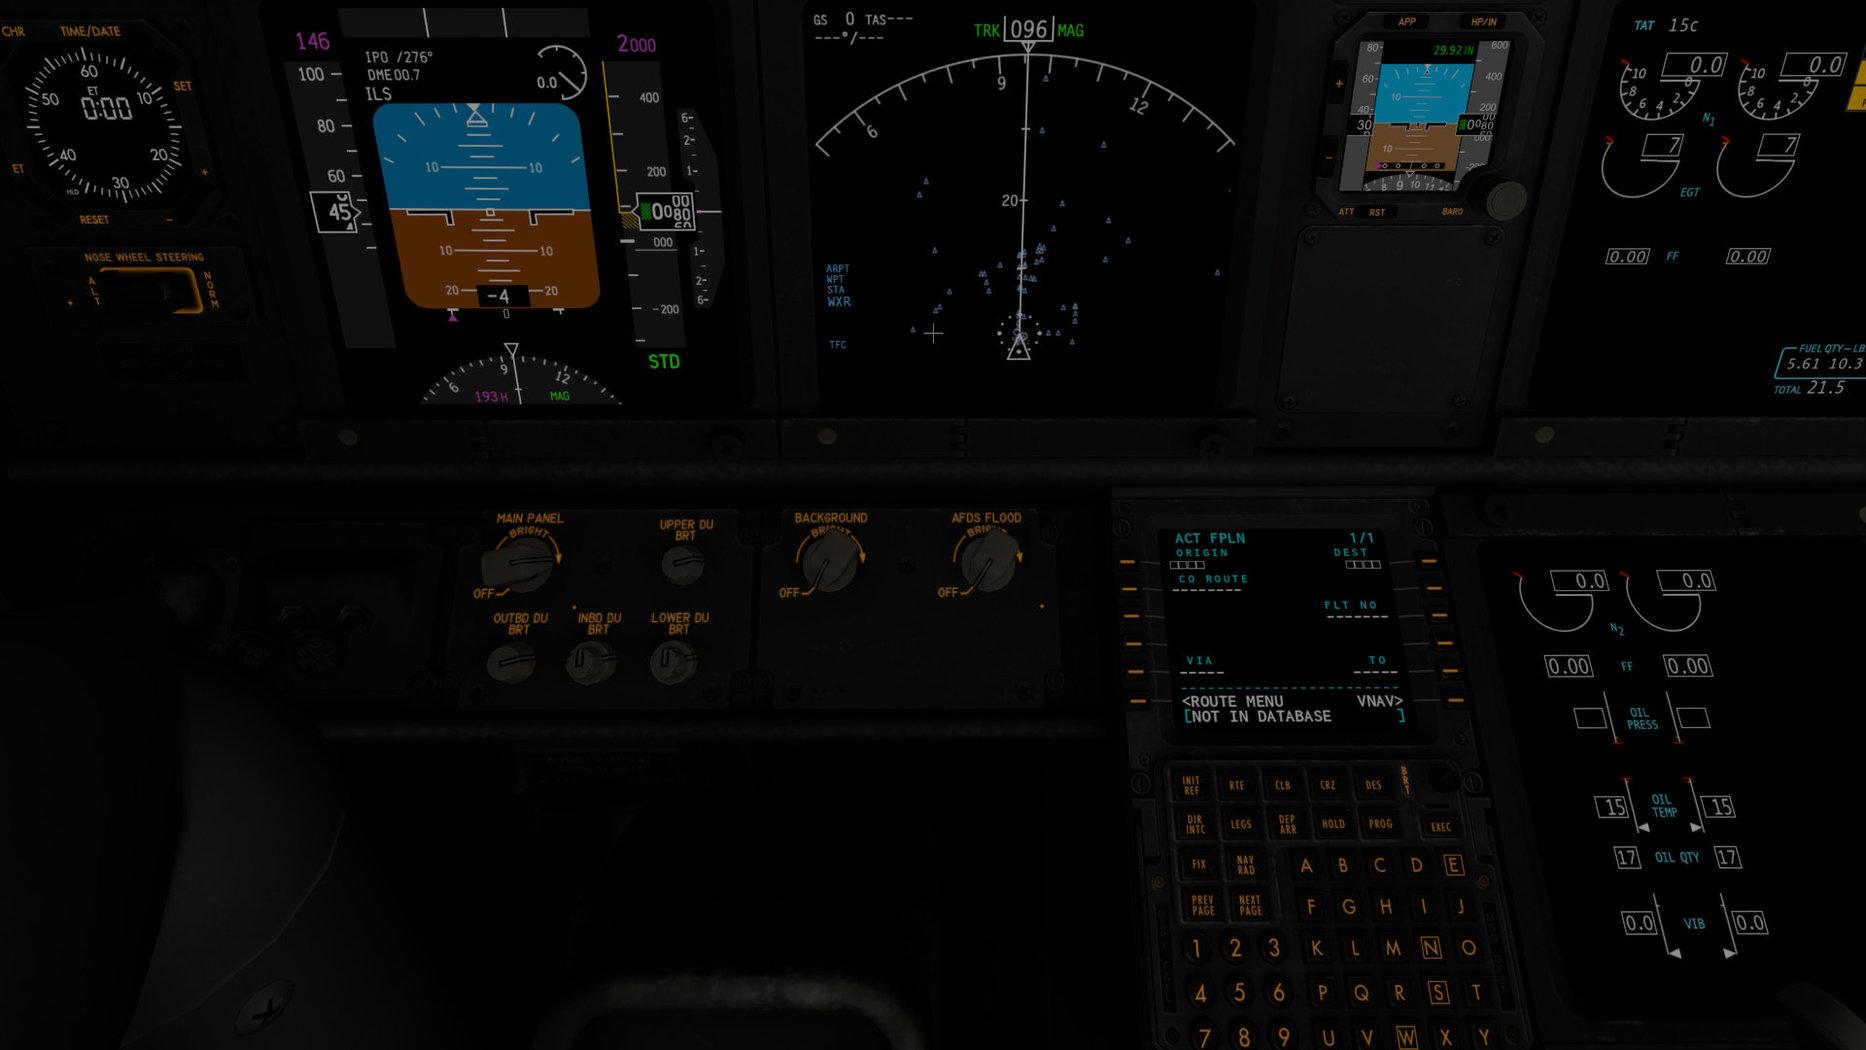 X-Plane 2018-11-04 18-03-54-199.jpg